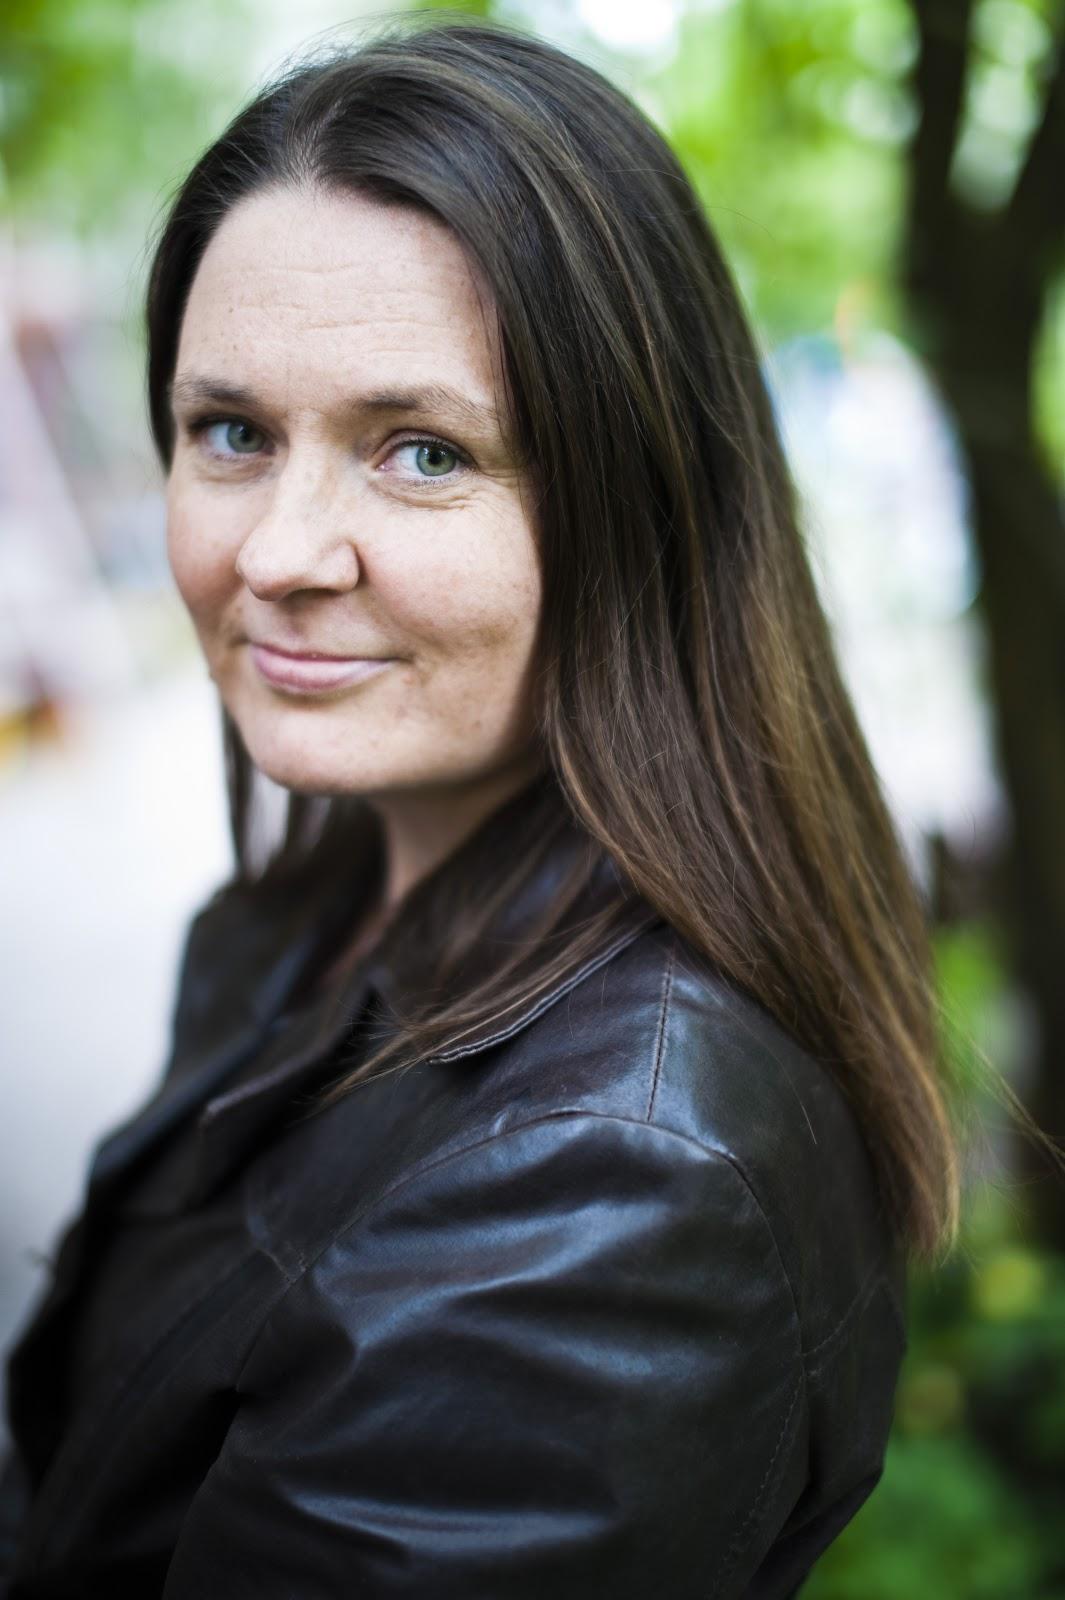 Katja Järvinen